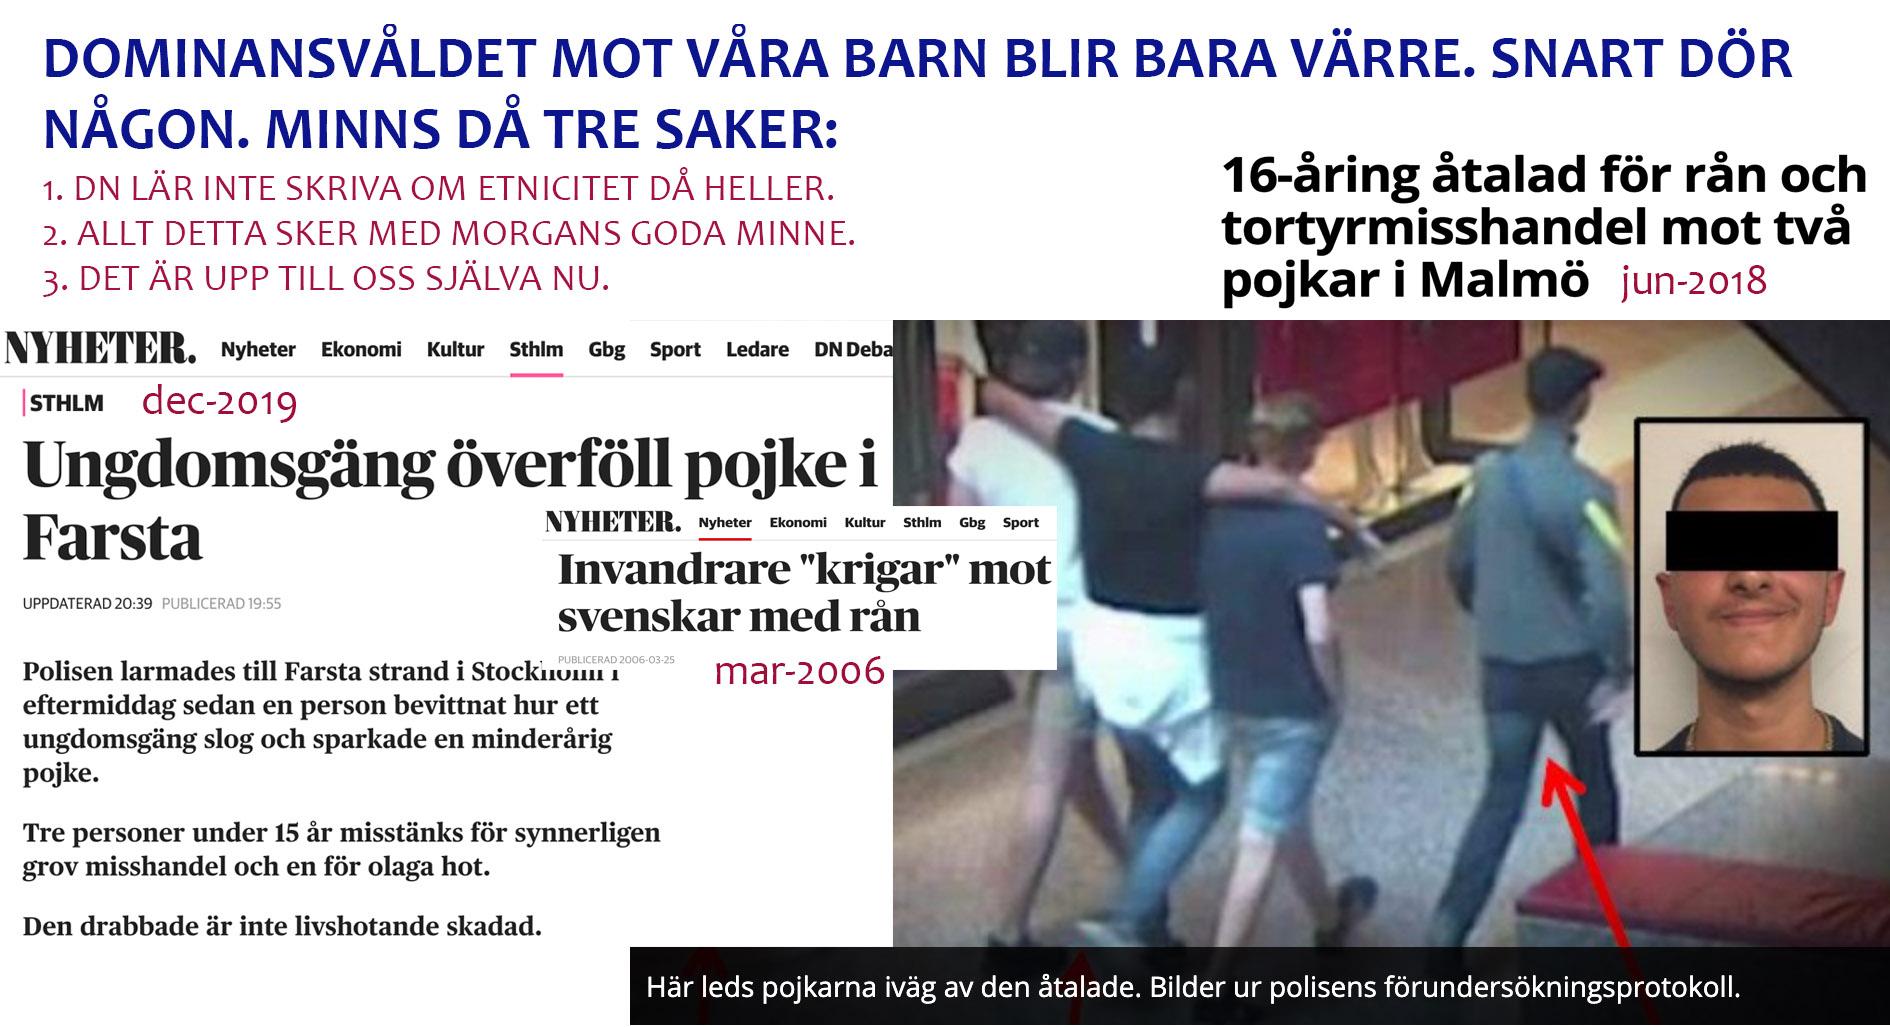 Ännu en 'synnerligen grov misshandel' av ett svenskt barn. De tio som sparkade var kanske inte alls invandrare (0,01% chans på det).